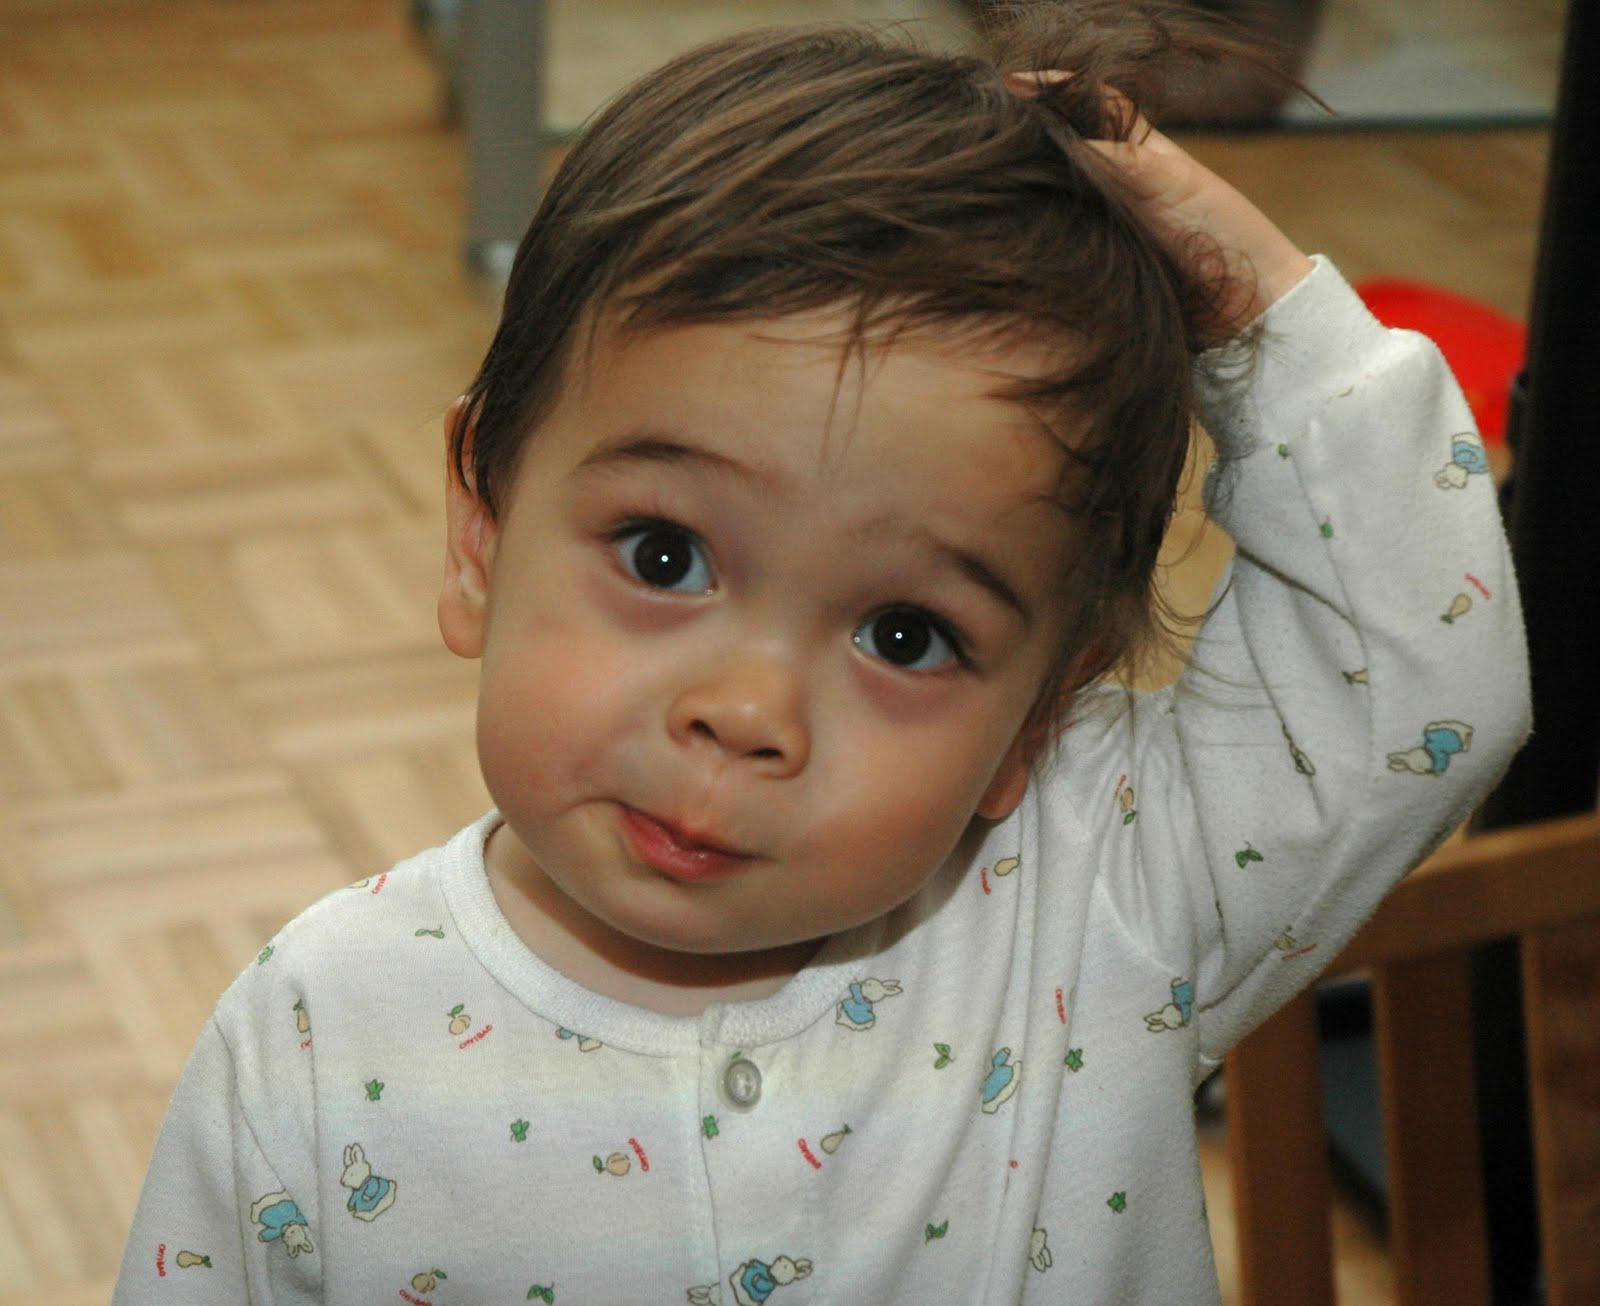 Criança coçando a cabeça: cuidado com a dermatite é essencial